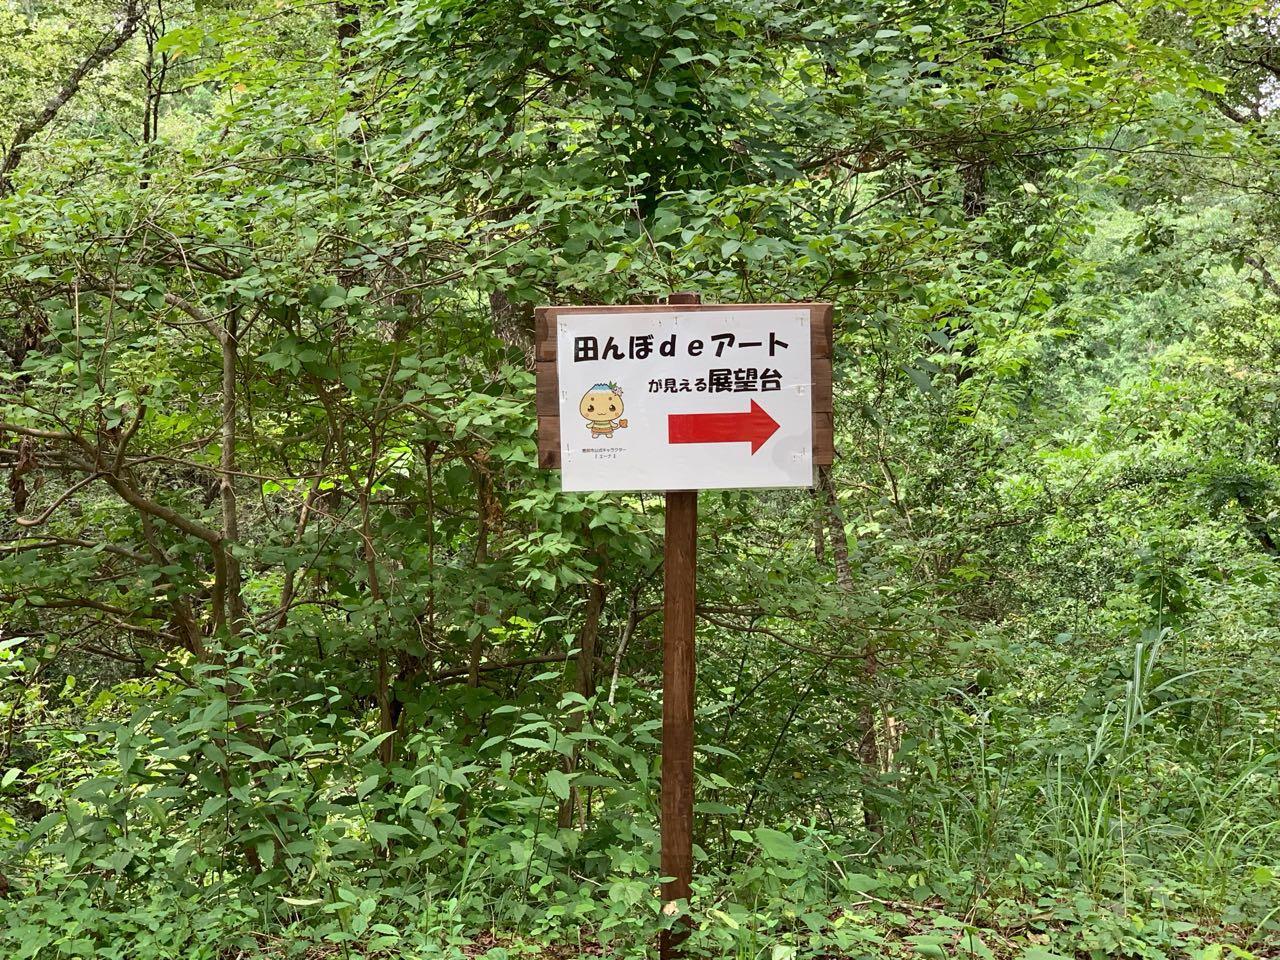 恵那市 山岡町 田んぼアート 看板2